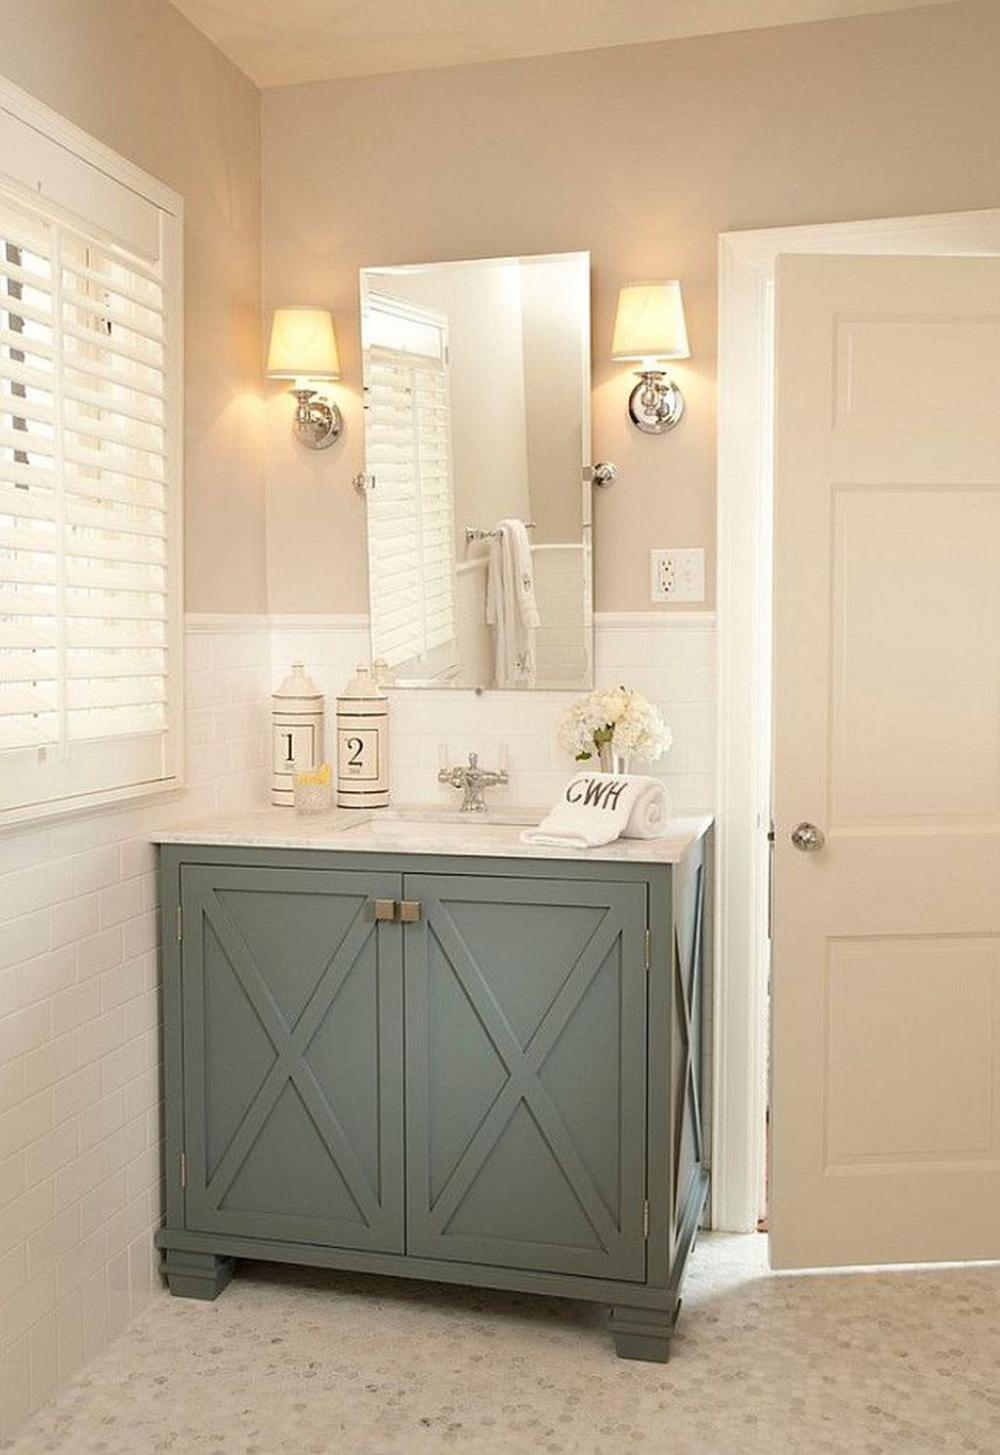 Pin By Roxie Kriesel On Bathroom Ideas Bathroom Colors Bathrooms Remodel Amazing Bathrooms